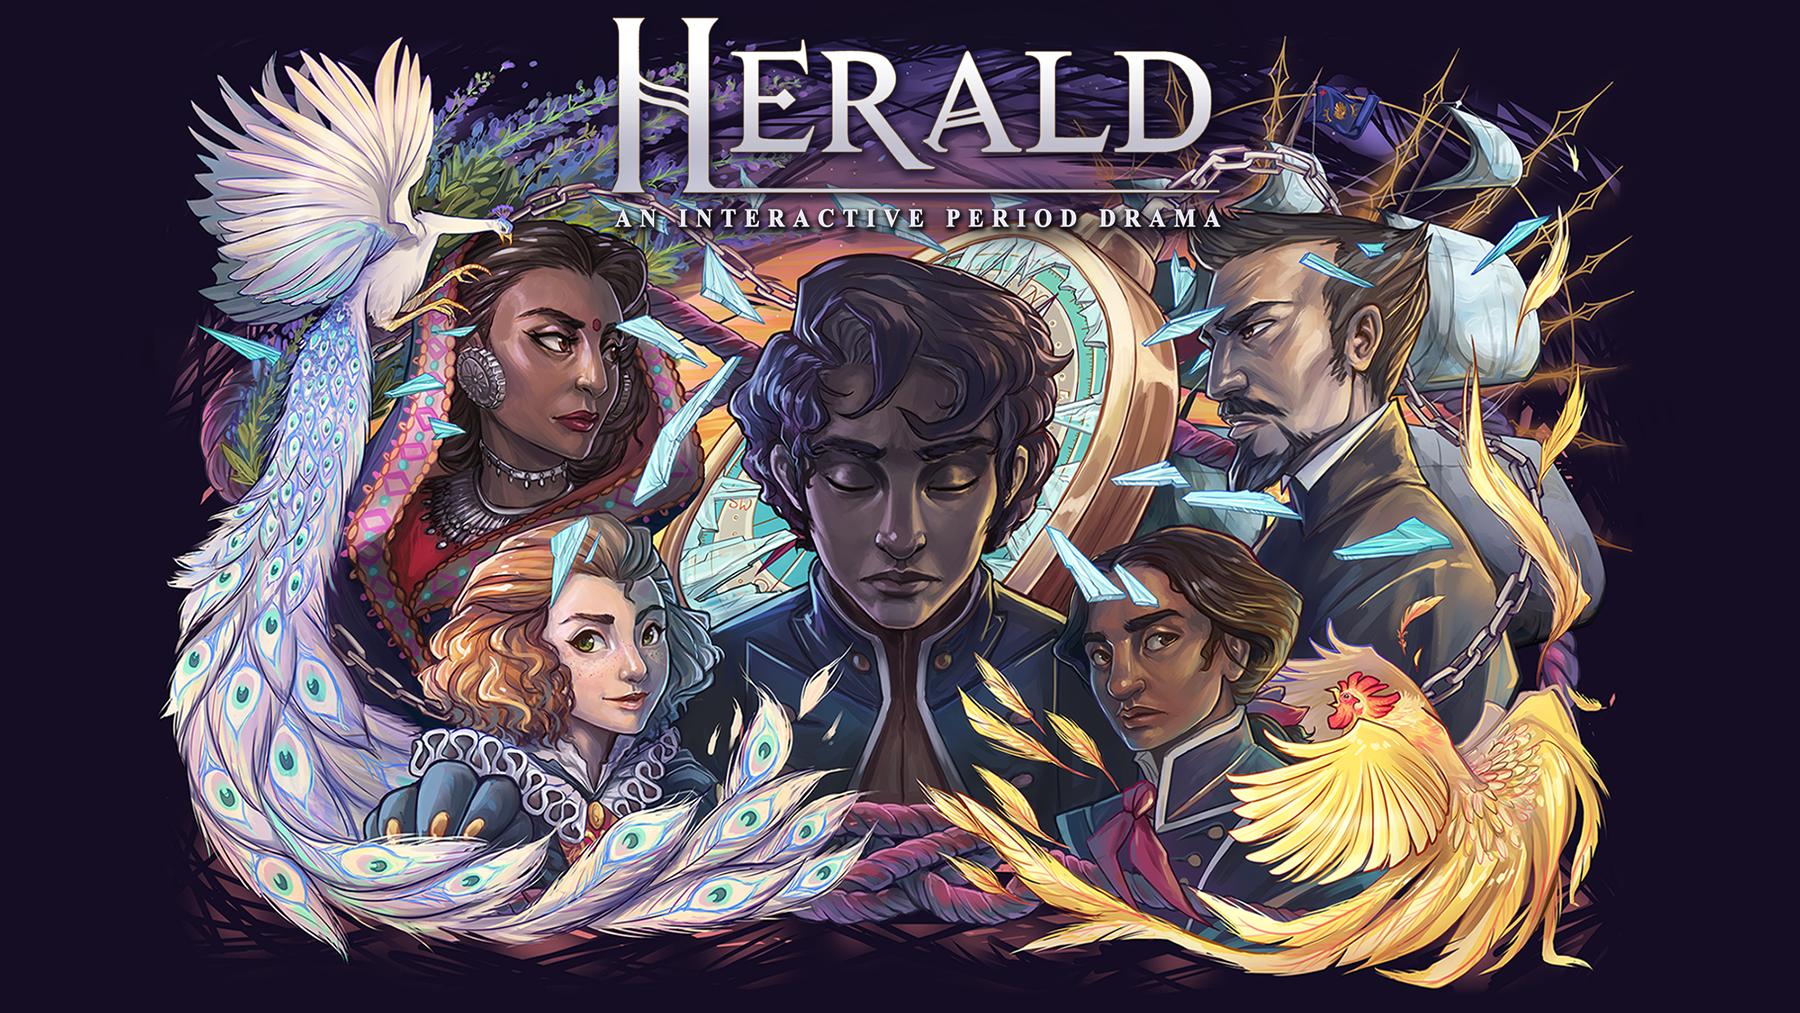 Herald - An Interactive Period Drama - Book I & II